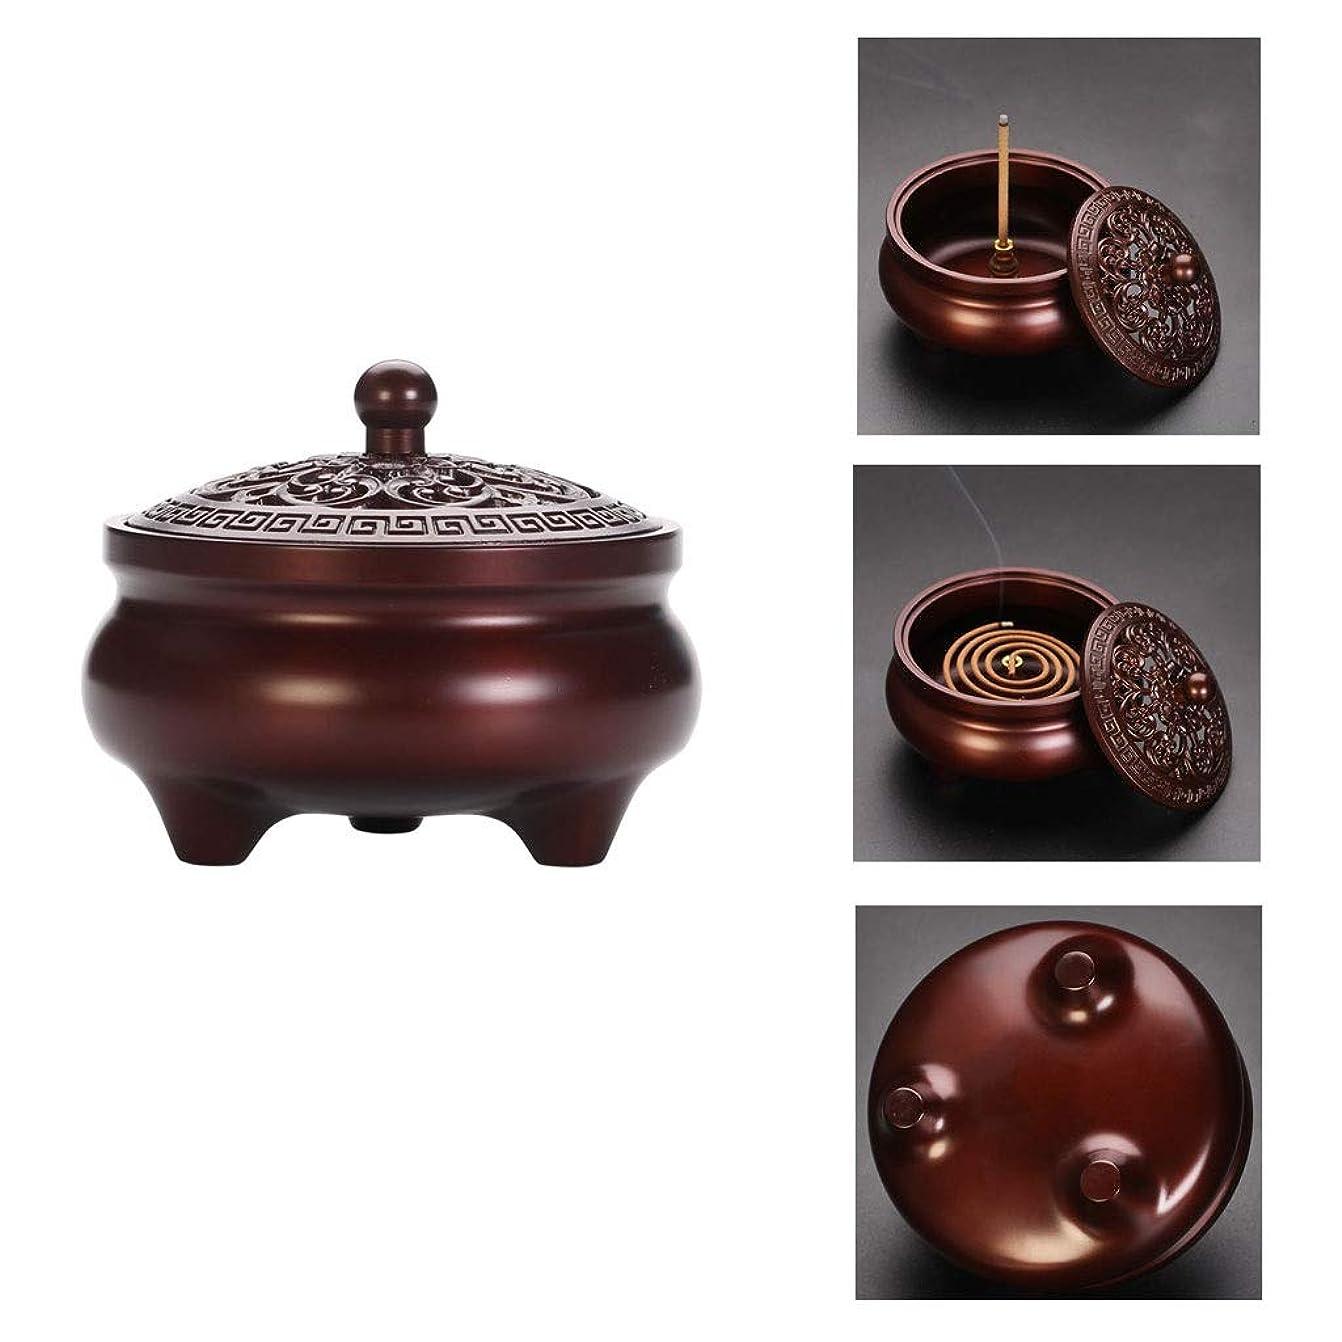 類推居心地の良いゲート芳香器?アロマバーナー 純銅製メカニズム香炉シンプルでエレガントな香炉内三脚アロマセラピー炉 アロマバーナー (Color : Purple Lotus)